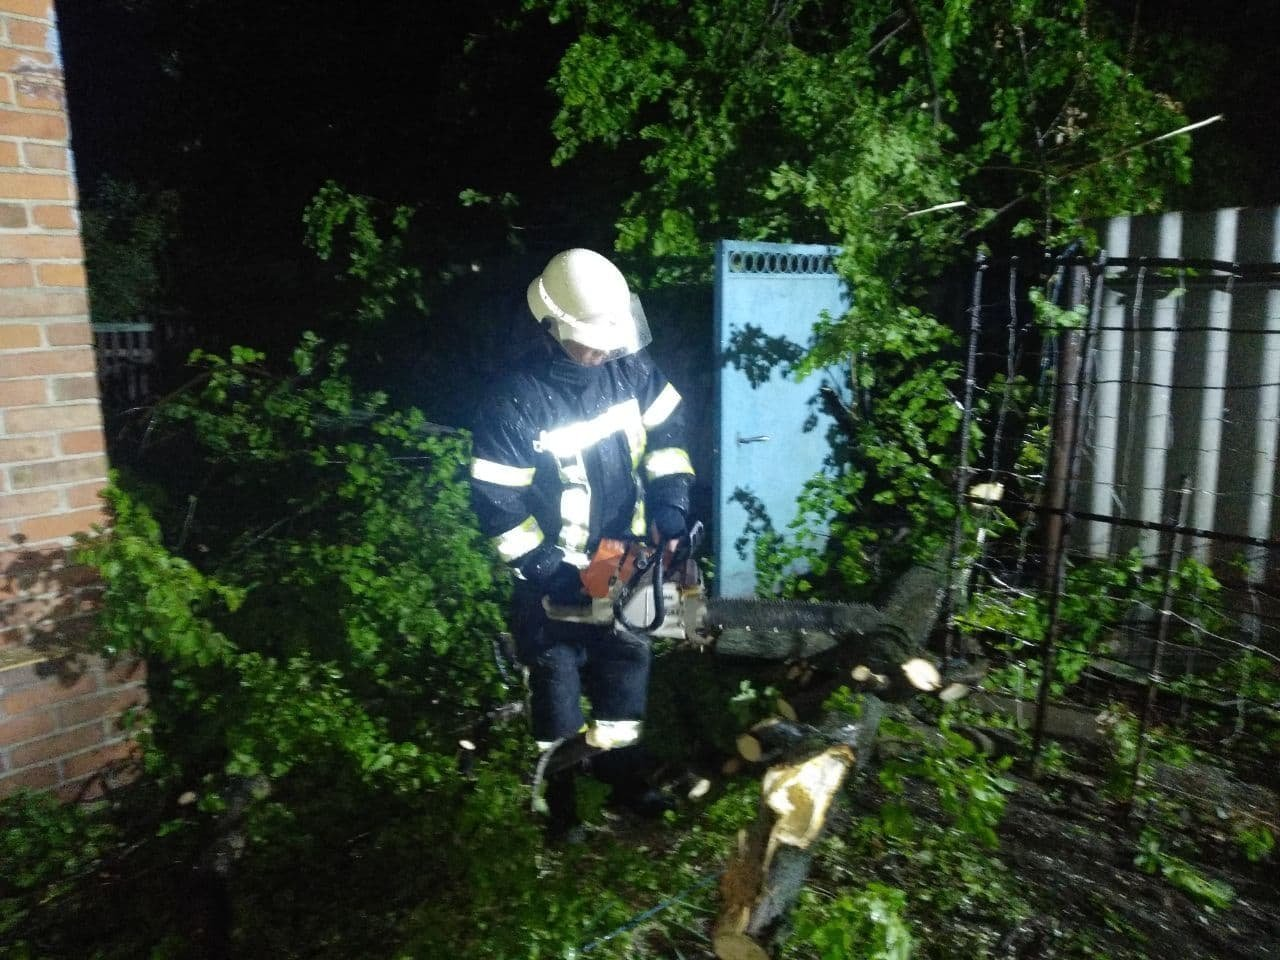 Негода, смертельна ДТП та потонулий хлопчик - що сталося у Слов'янську за тиждень, фото-3